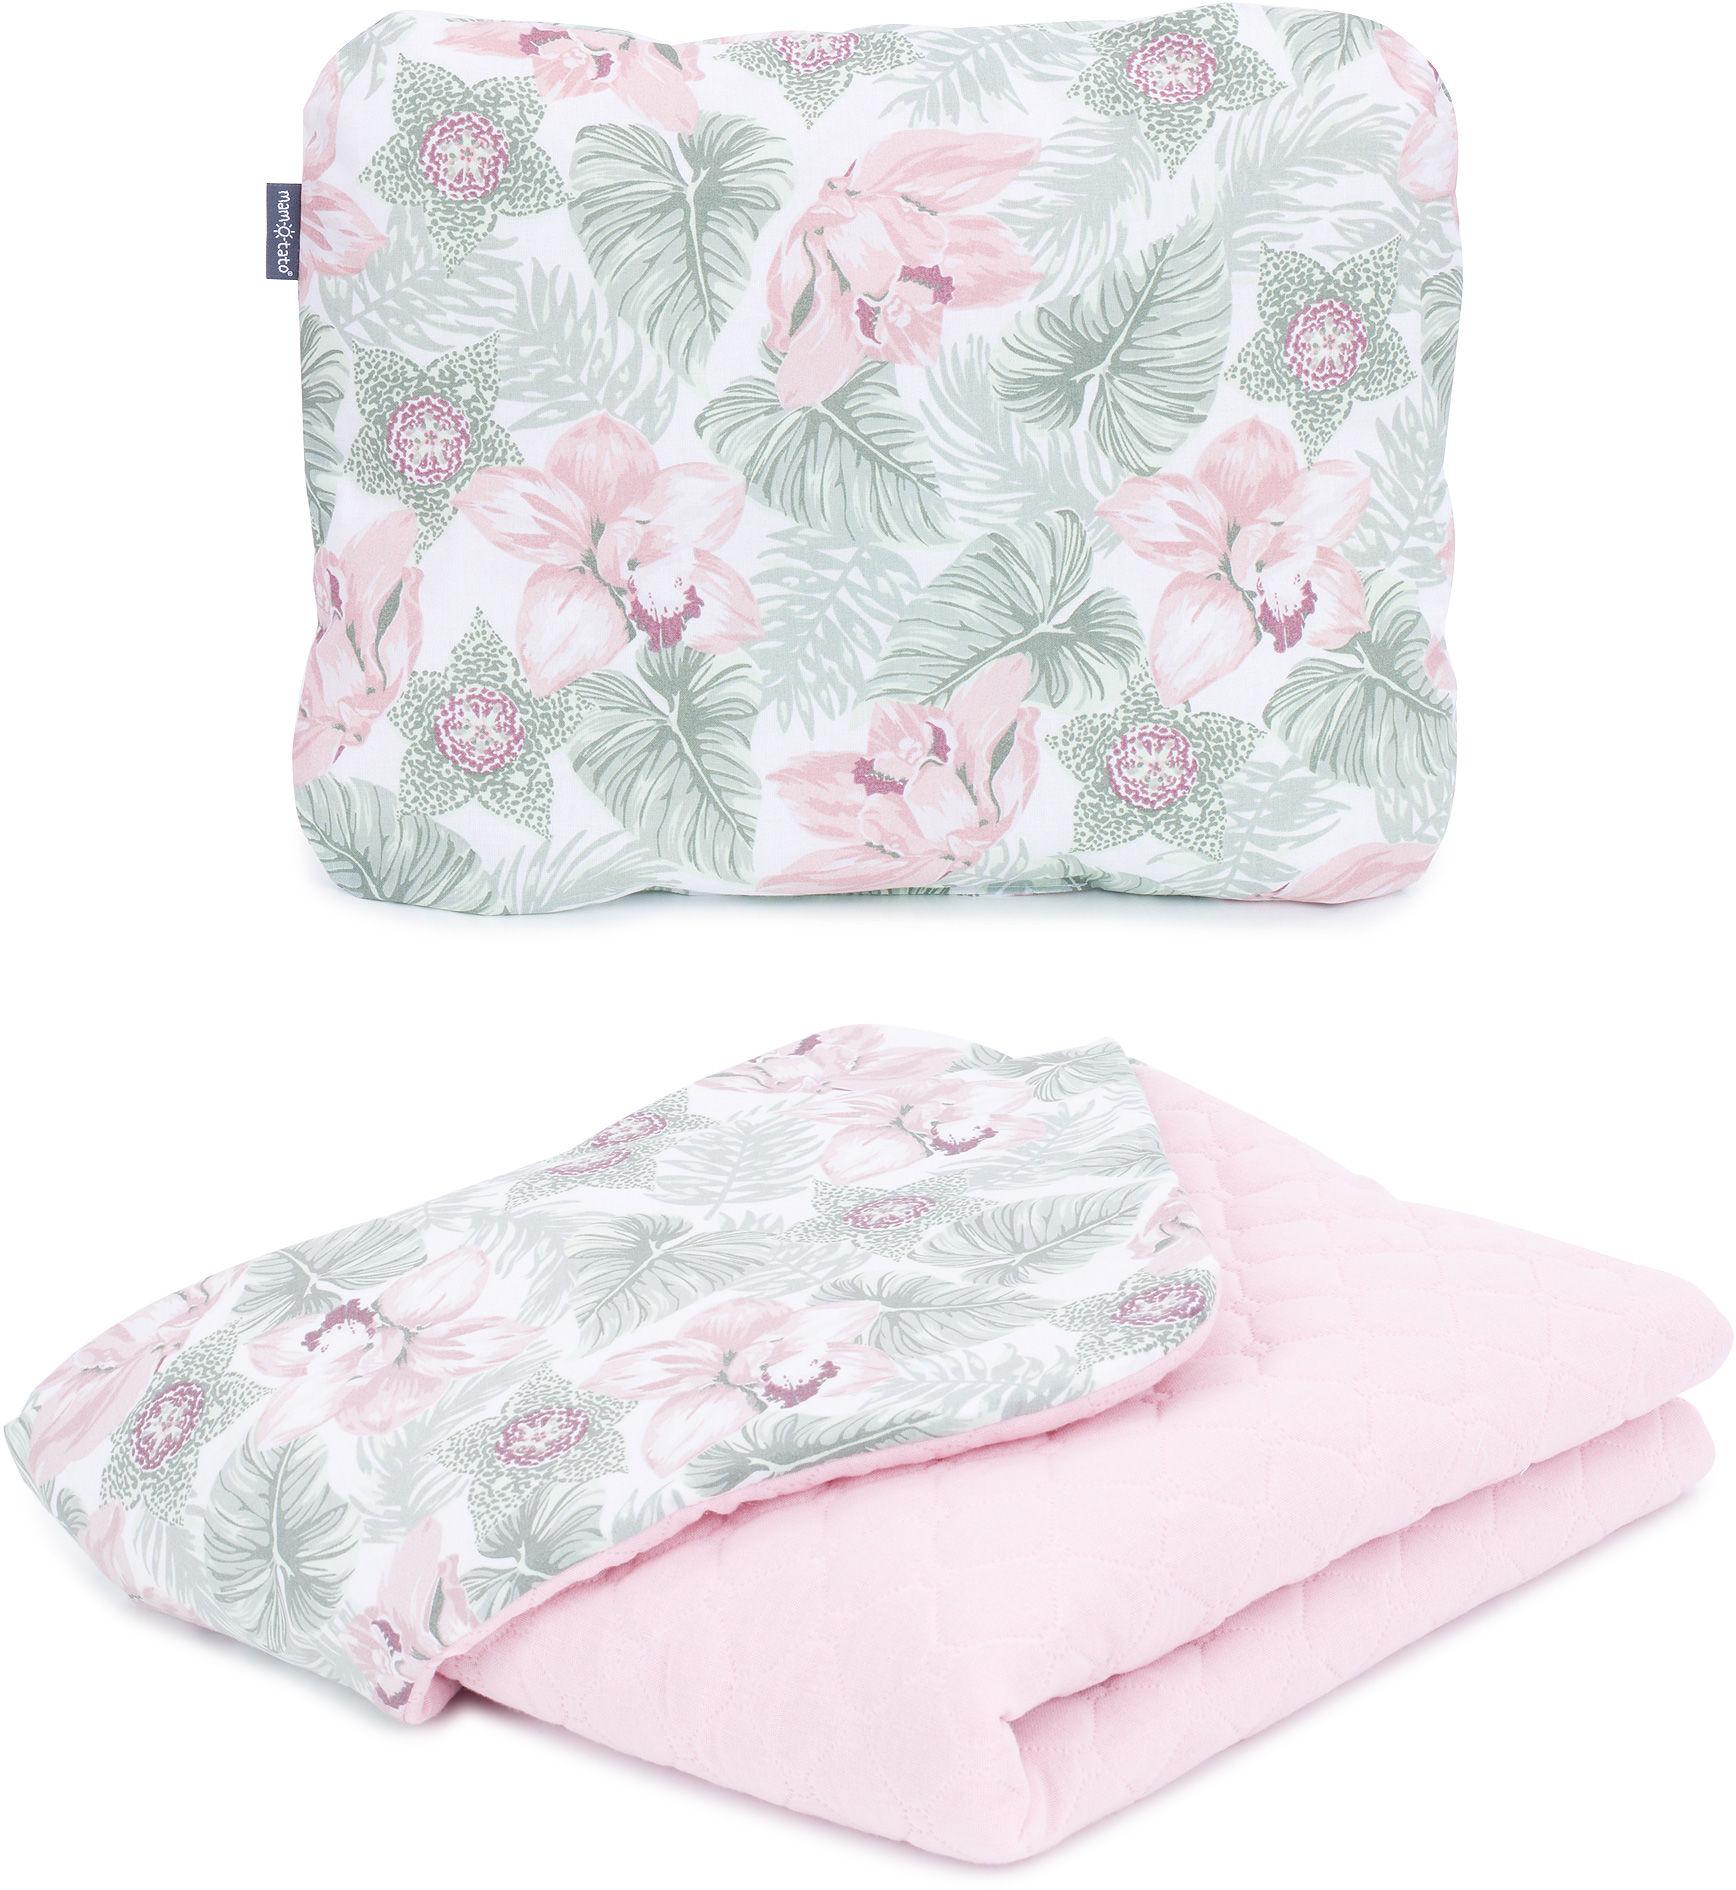 MAMO-TATO KOMPLET Kocyk dla dzieci i niemowląt 75x100 - MUŚLIN PIK + poduszka - Kwiaty w liściach / jasny róż - letni